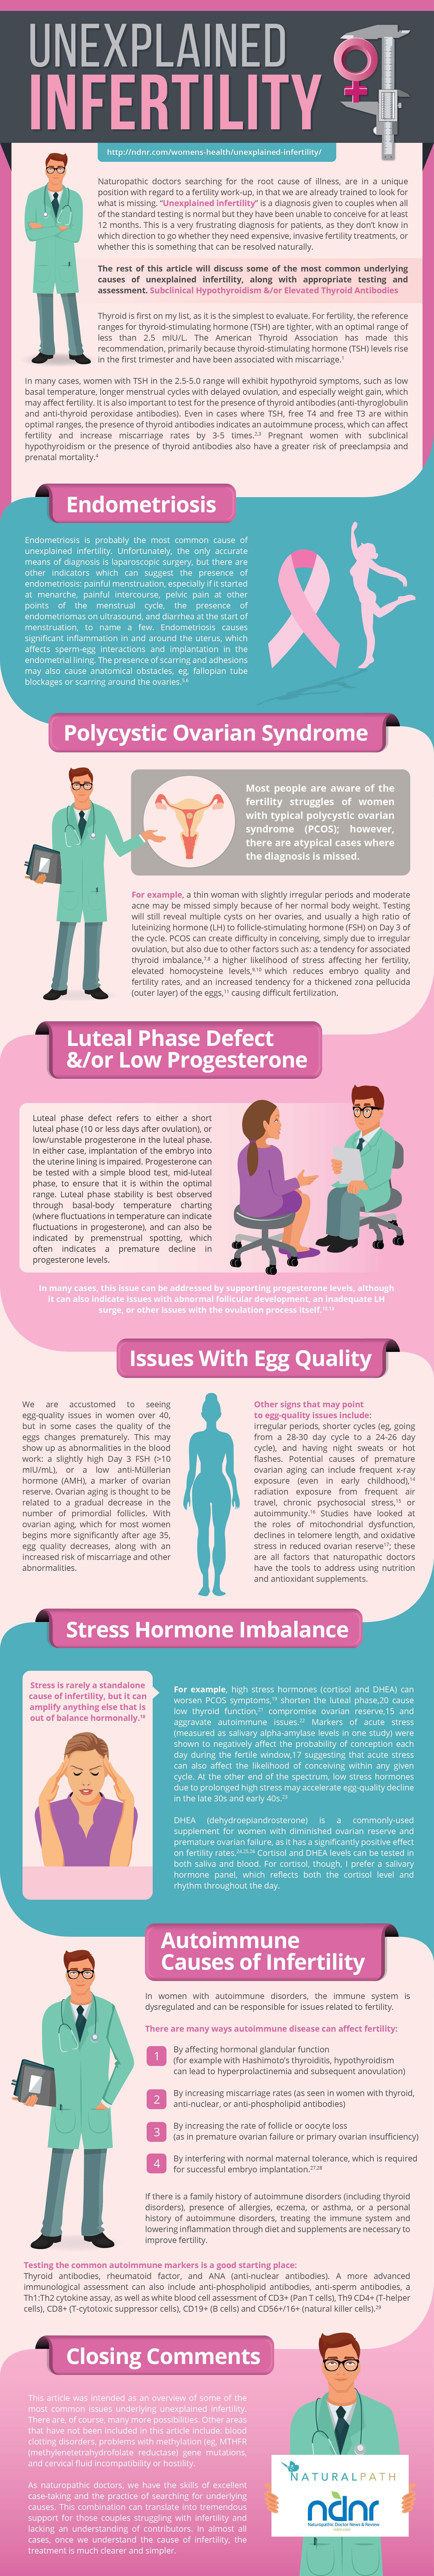 Medical infertility temp